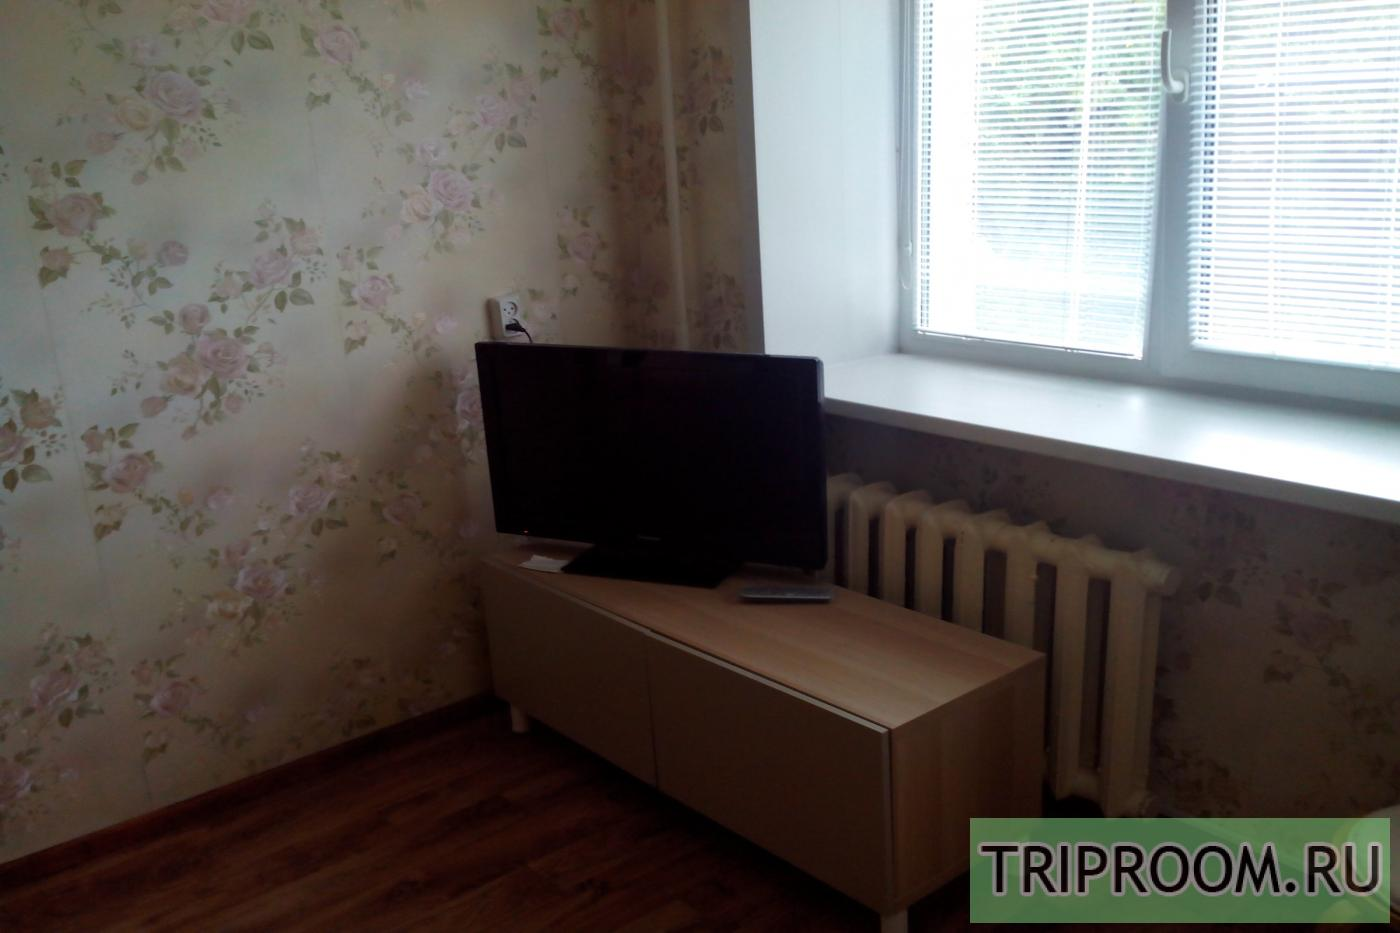 1-комнатная квартира посуточно (вариант № 8939), ул. Советская улица, фото № 5